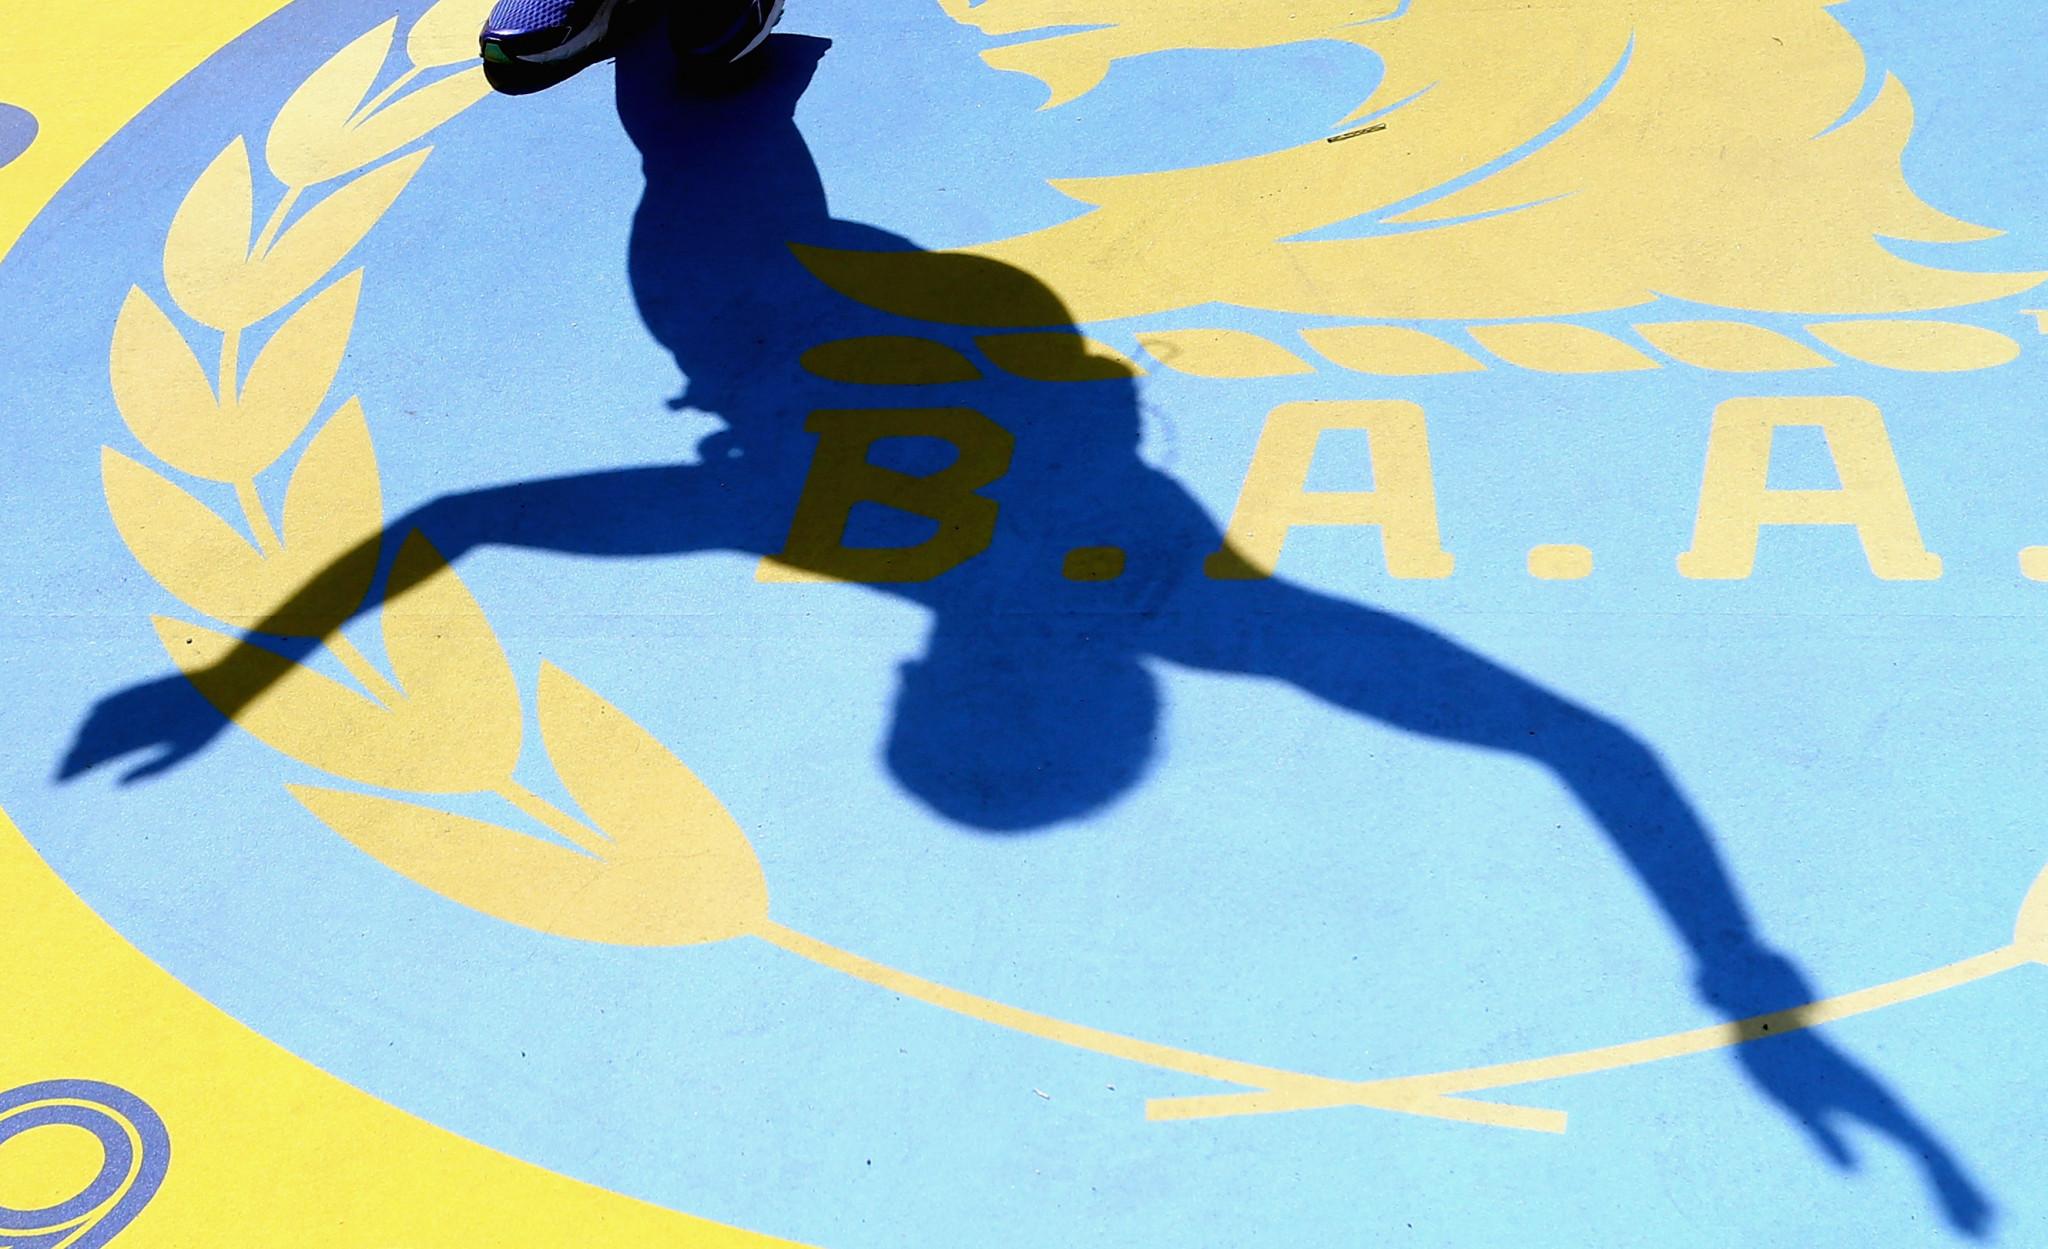 Boston Marathon scheduled for October 11, day after Chicago Marathon